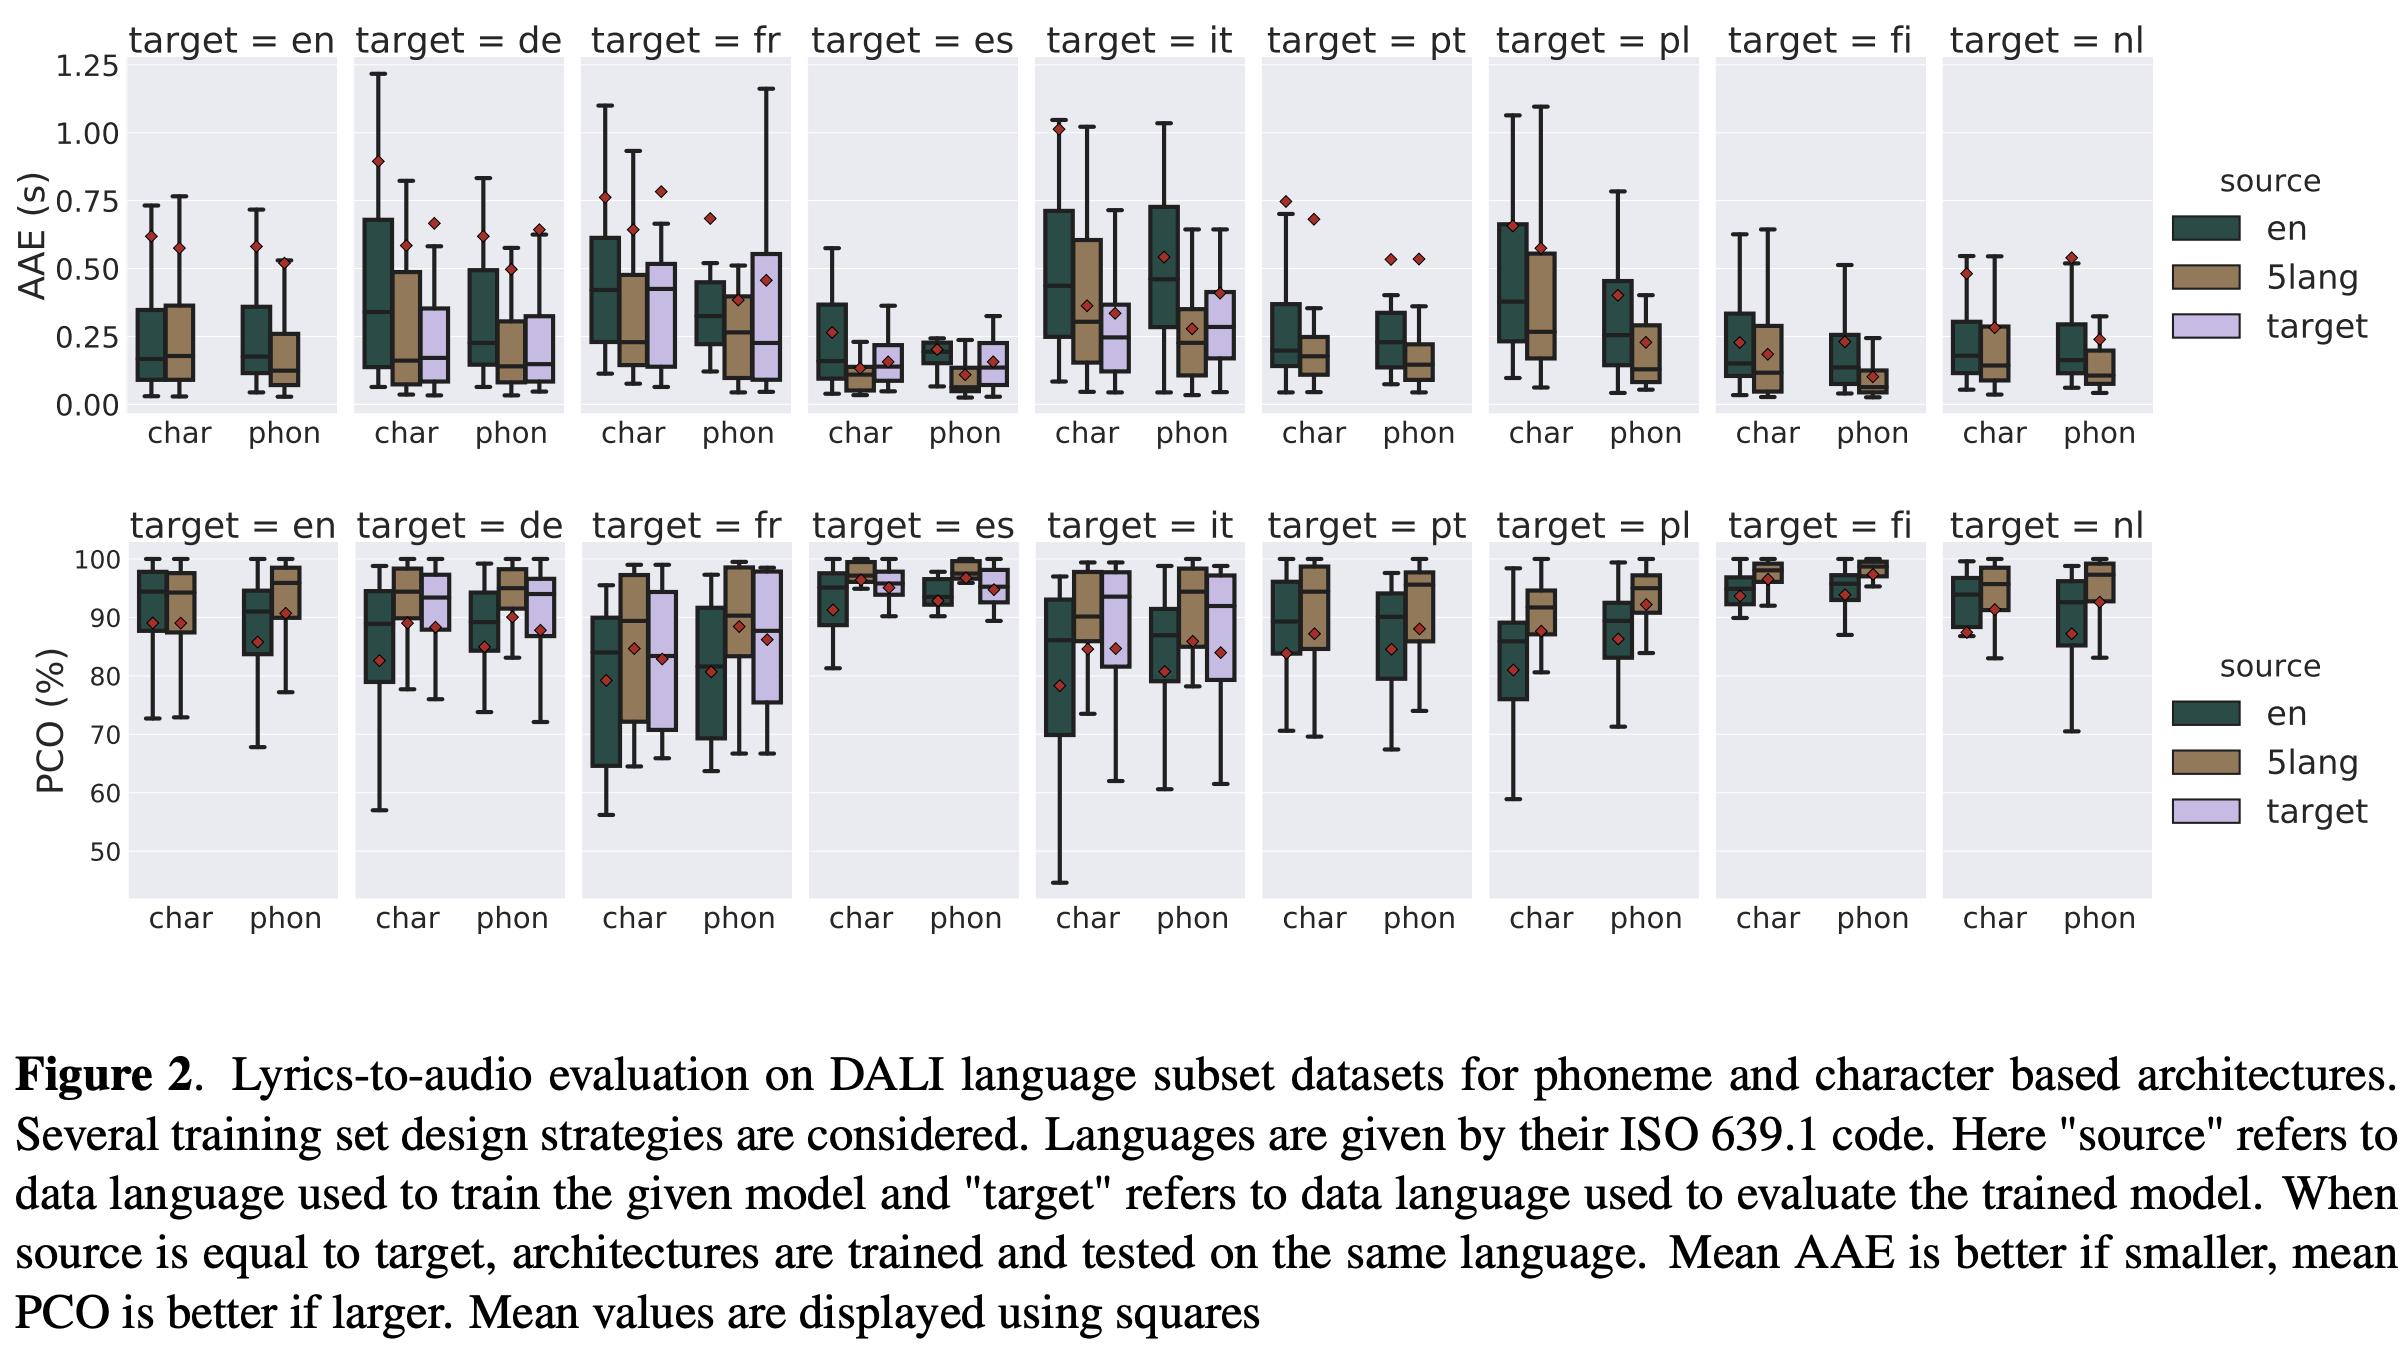 Lyrics-to-audio evaluation on DALI language subset datasets for phoneme and character based architectures